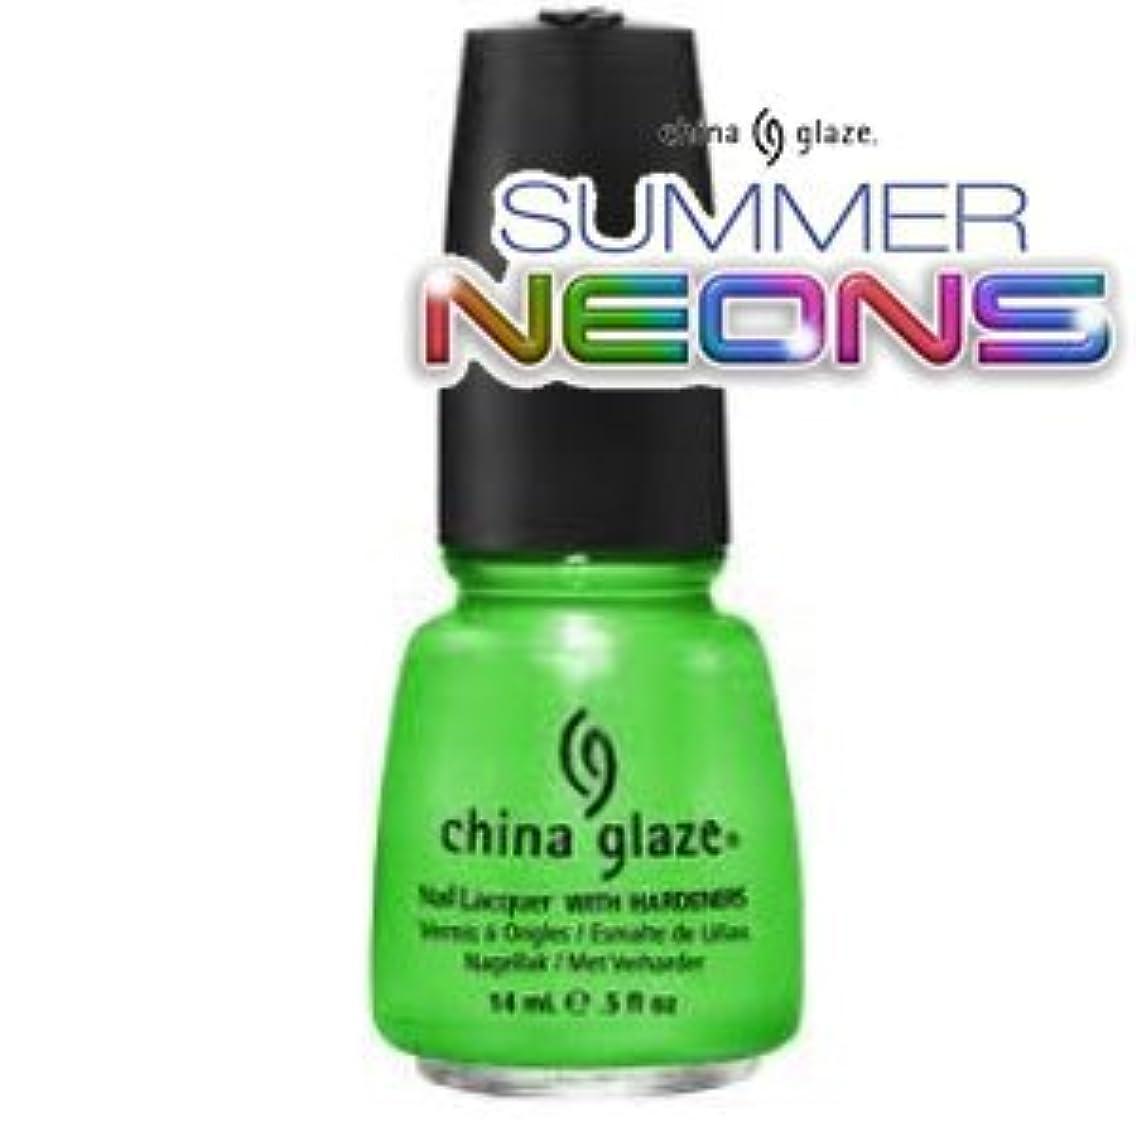 論理的に赤外線刻む(チャイナグレイズ)China Glaze I'm With The Lifeguardーサマーネオン コレクション [海外直送品][並行輸入品]